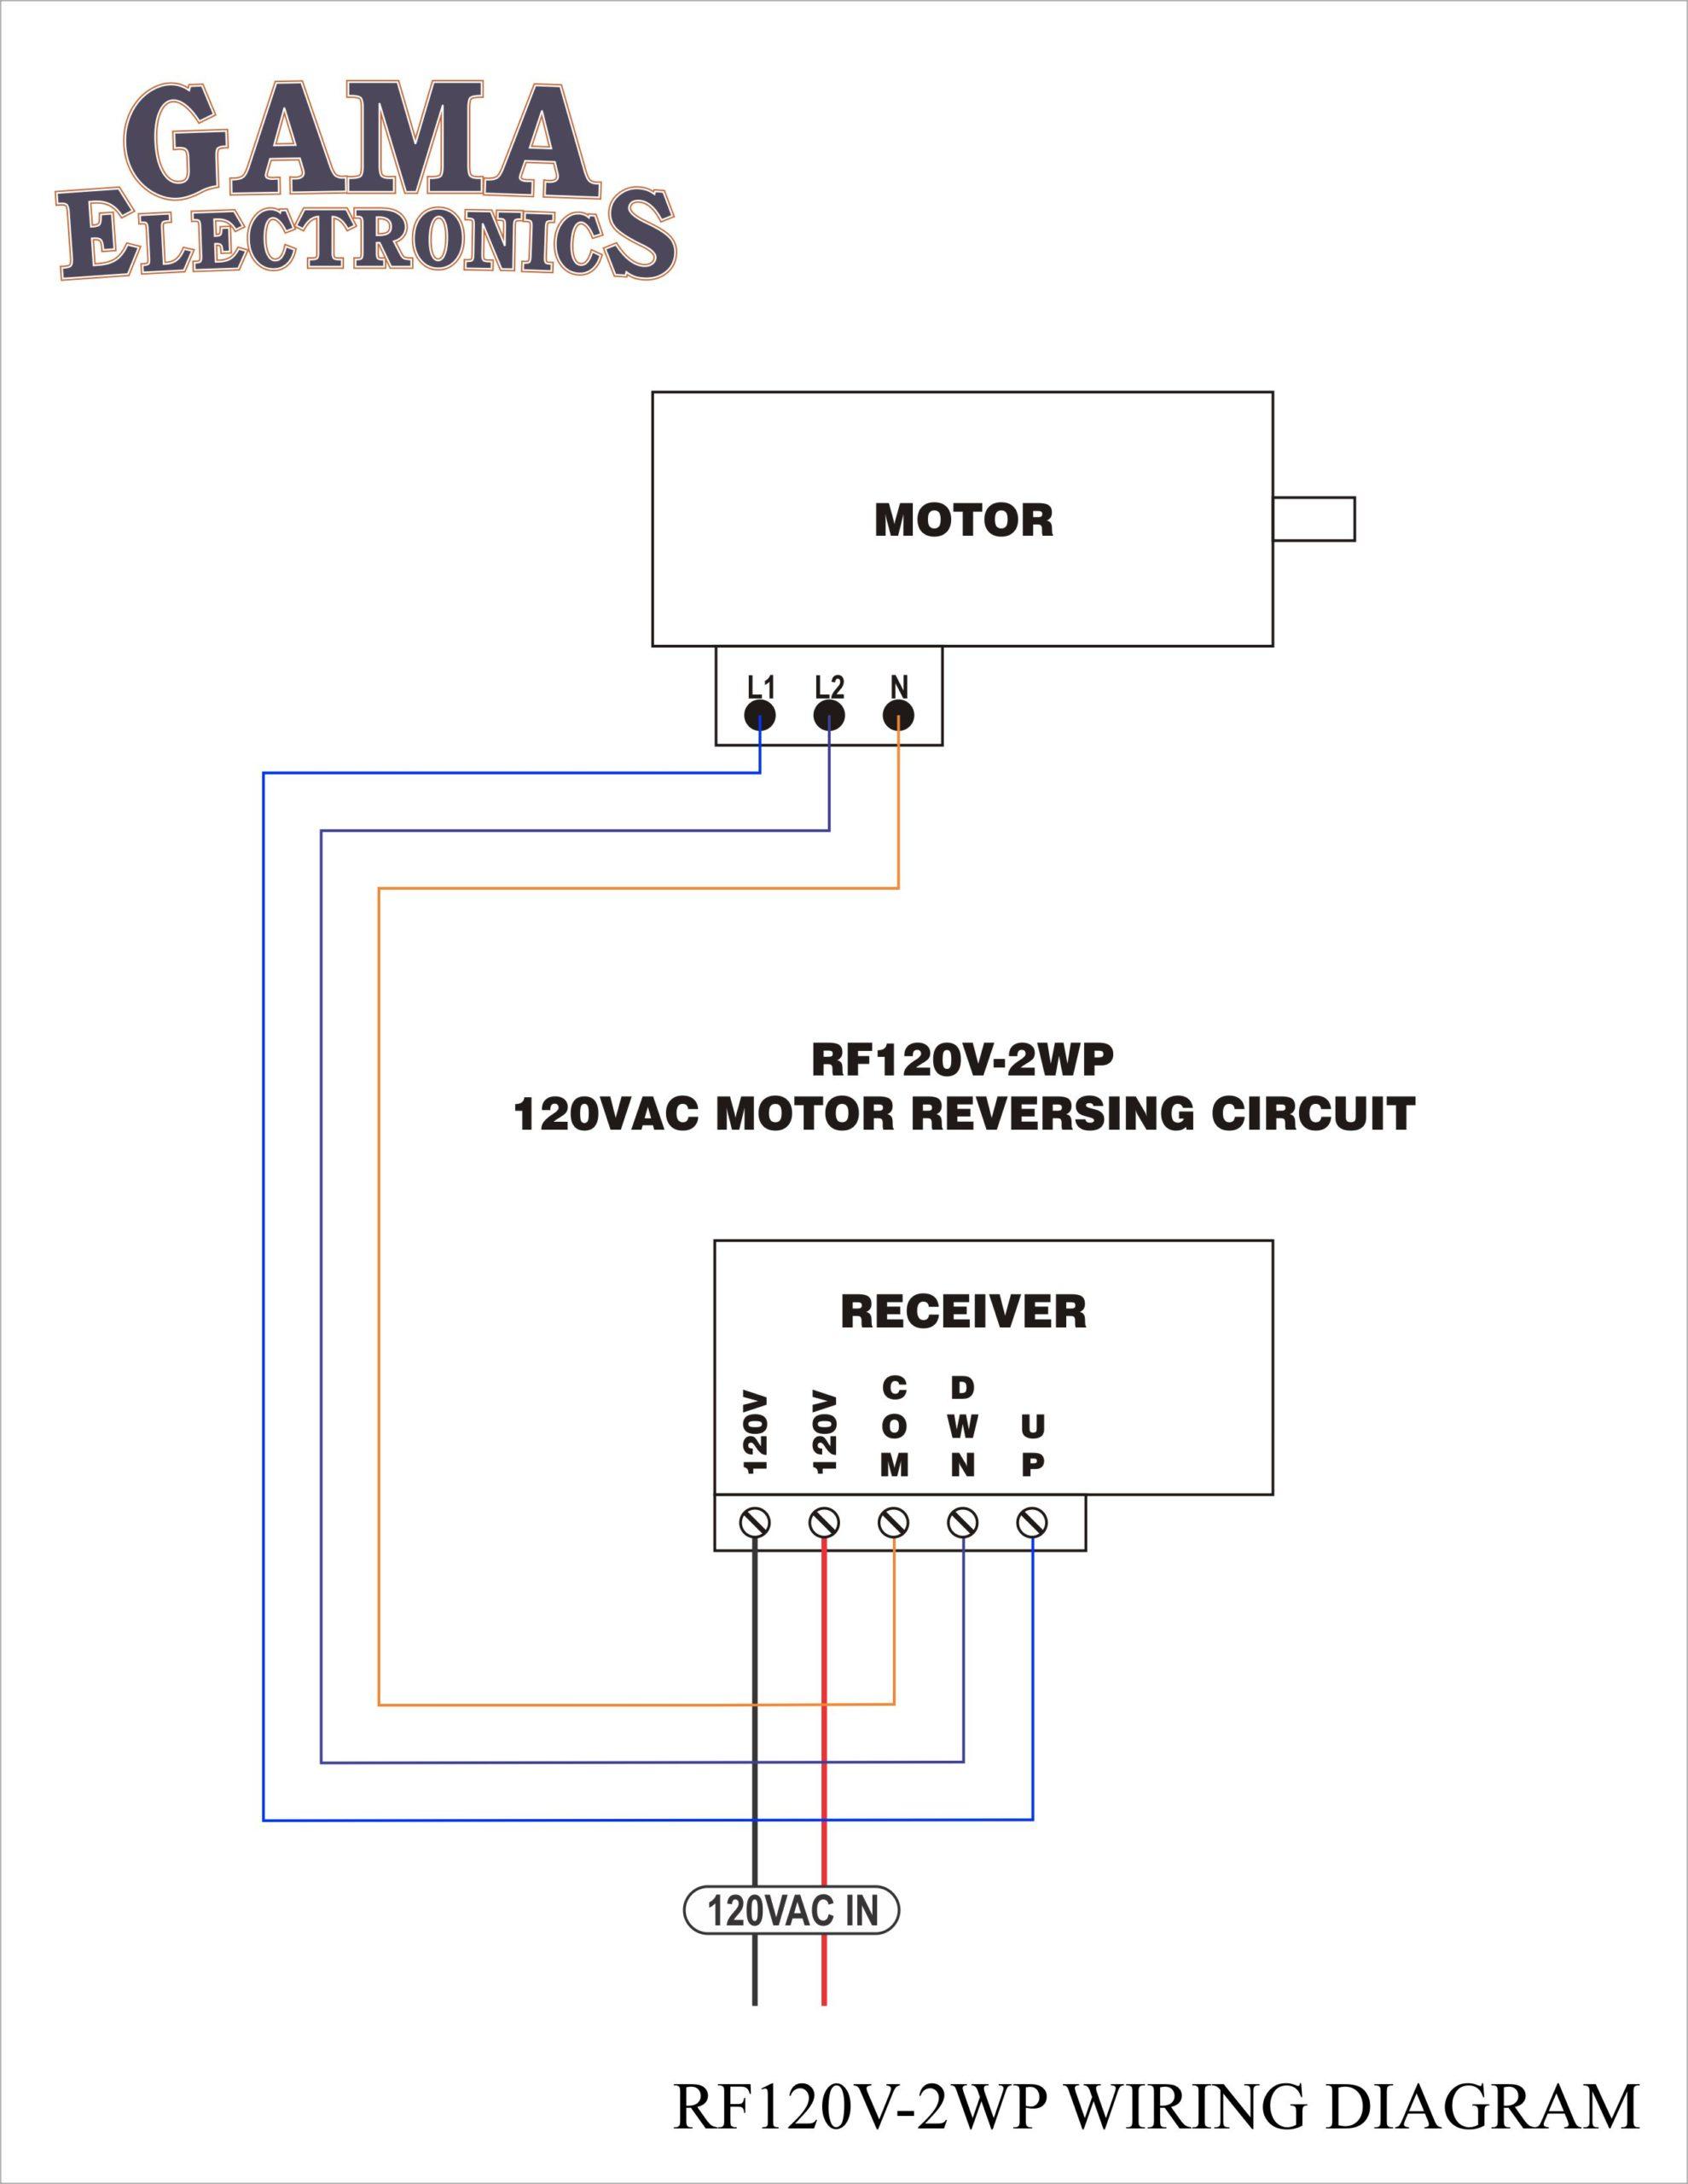 single phase psc motor wiring diagram evinrude 225 ficht 120v reversing library